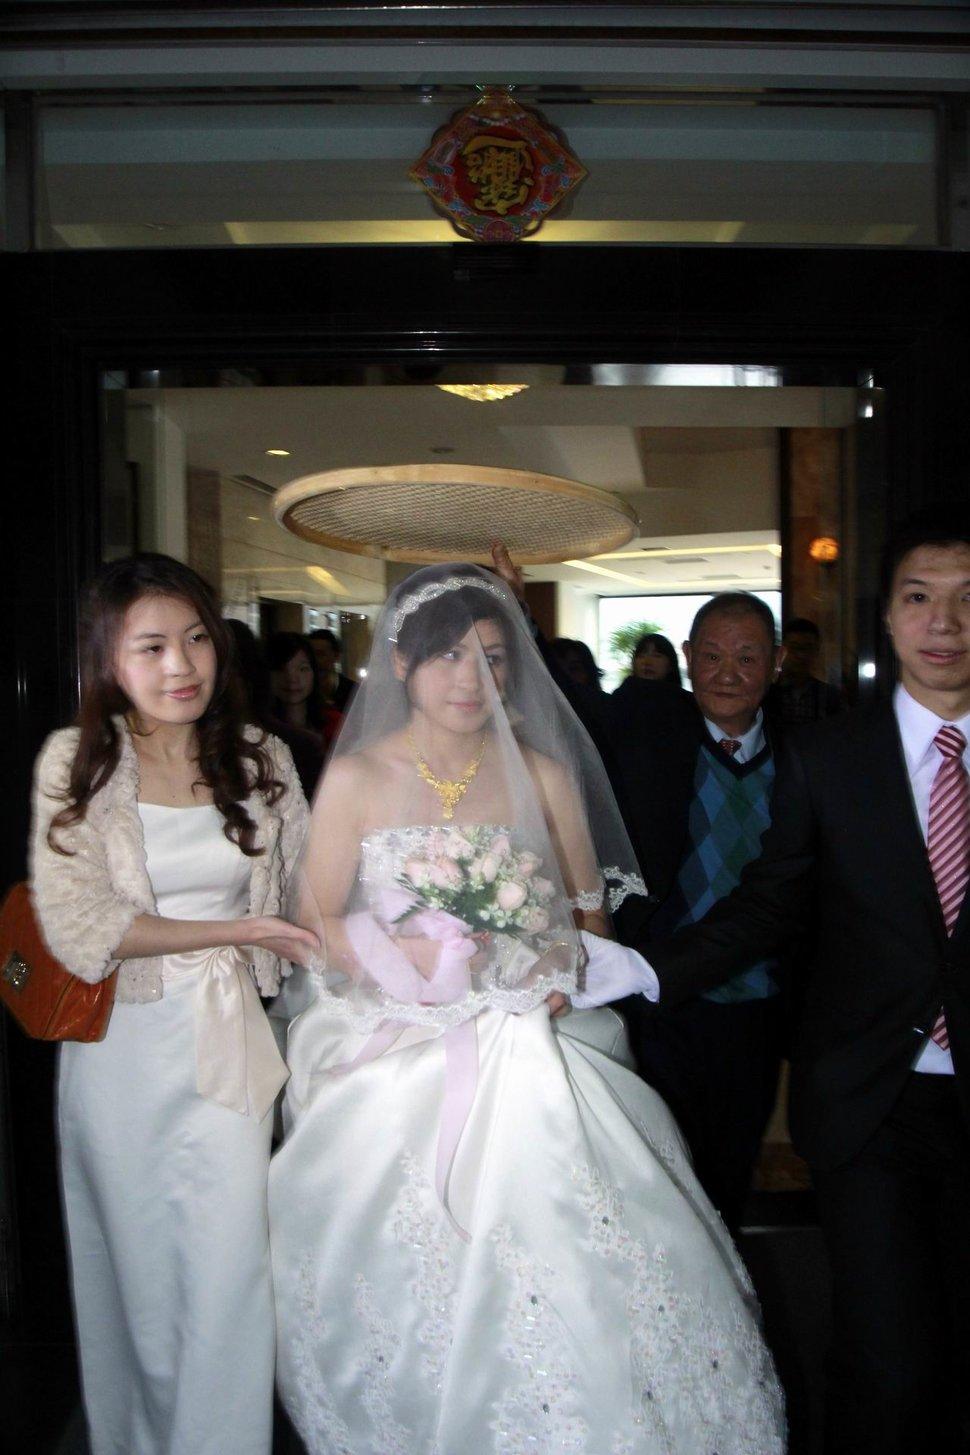 青青食尚花園會館婚禮記錄結婚迎娶婚禮記錄動態微電影錄影專業錄影平面攝影婚紗攝攝影婚禮主持人(編號:196713) - 蜜月拍照10800錄影12800攝影團隊 - 結婚吧